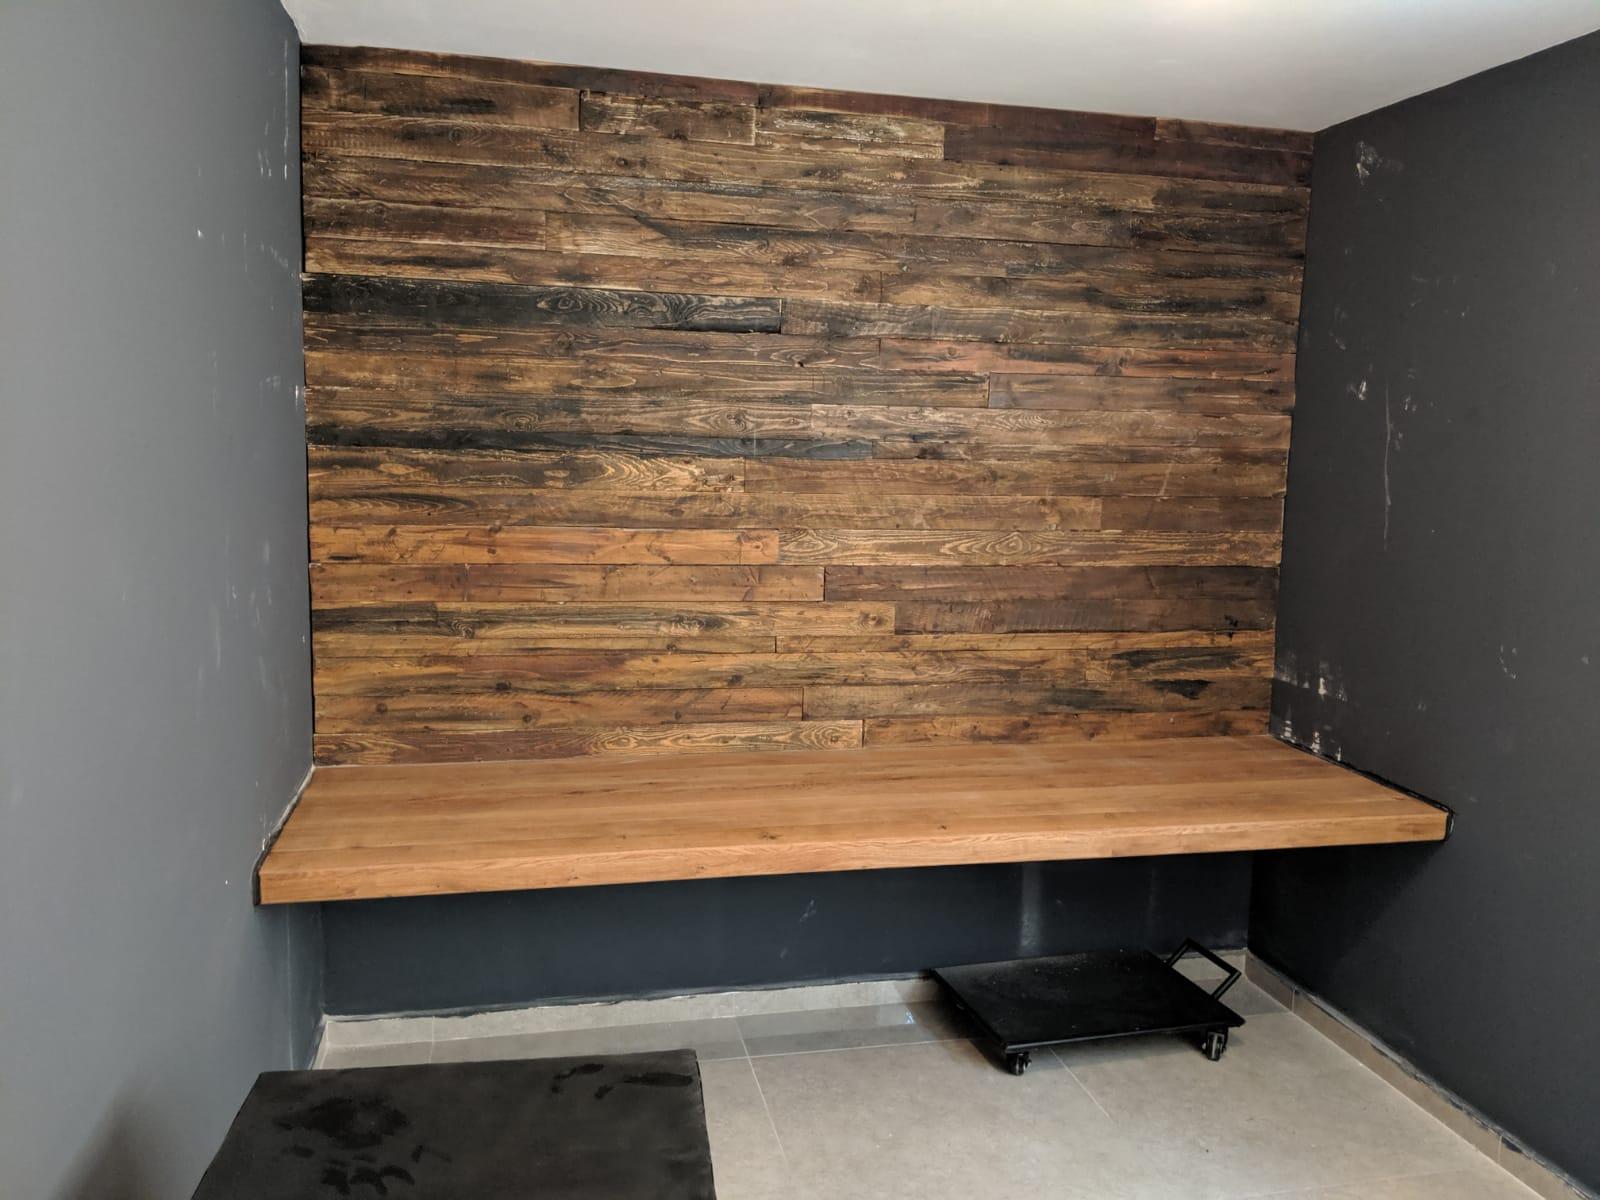 שולחן עבודה משולב חיפוי קיר